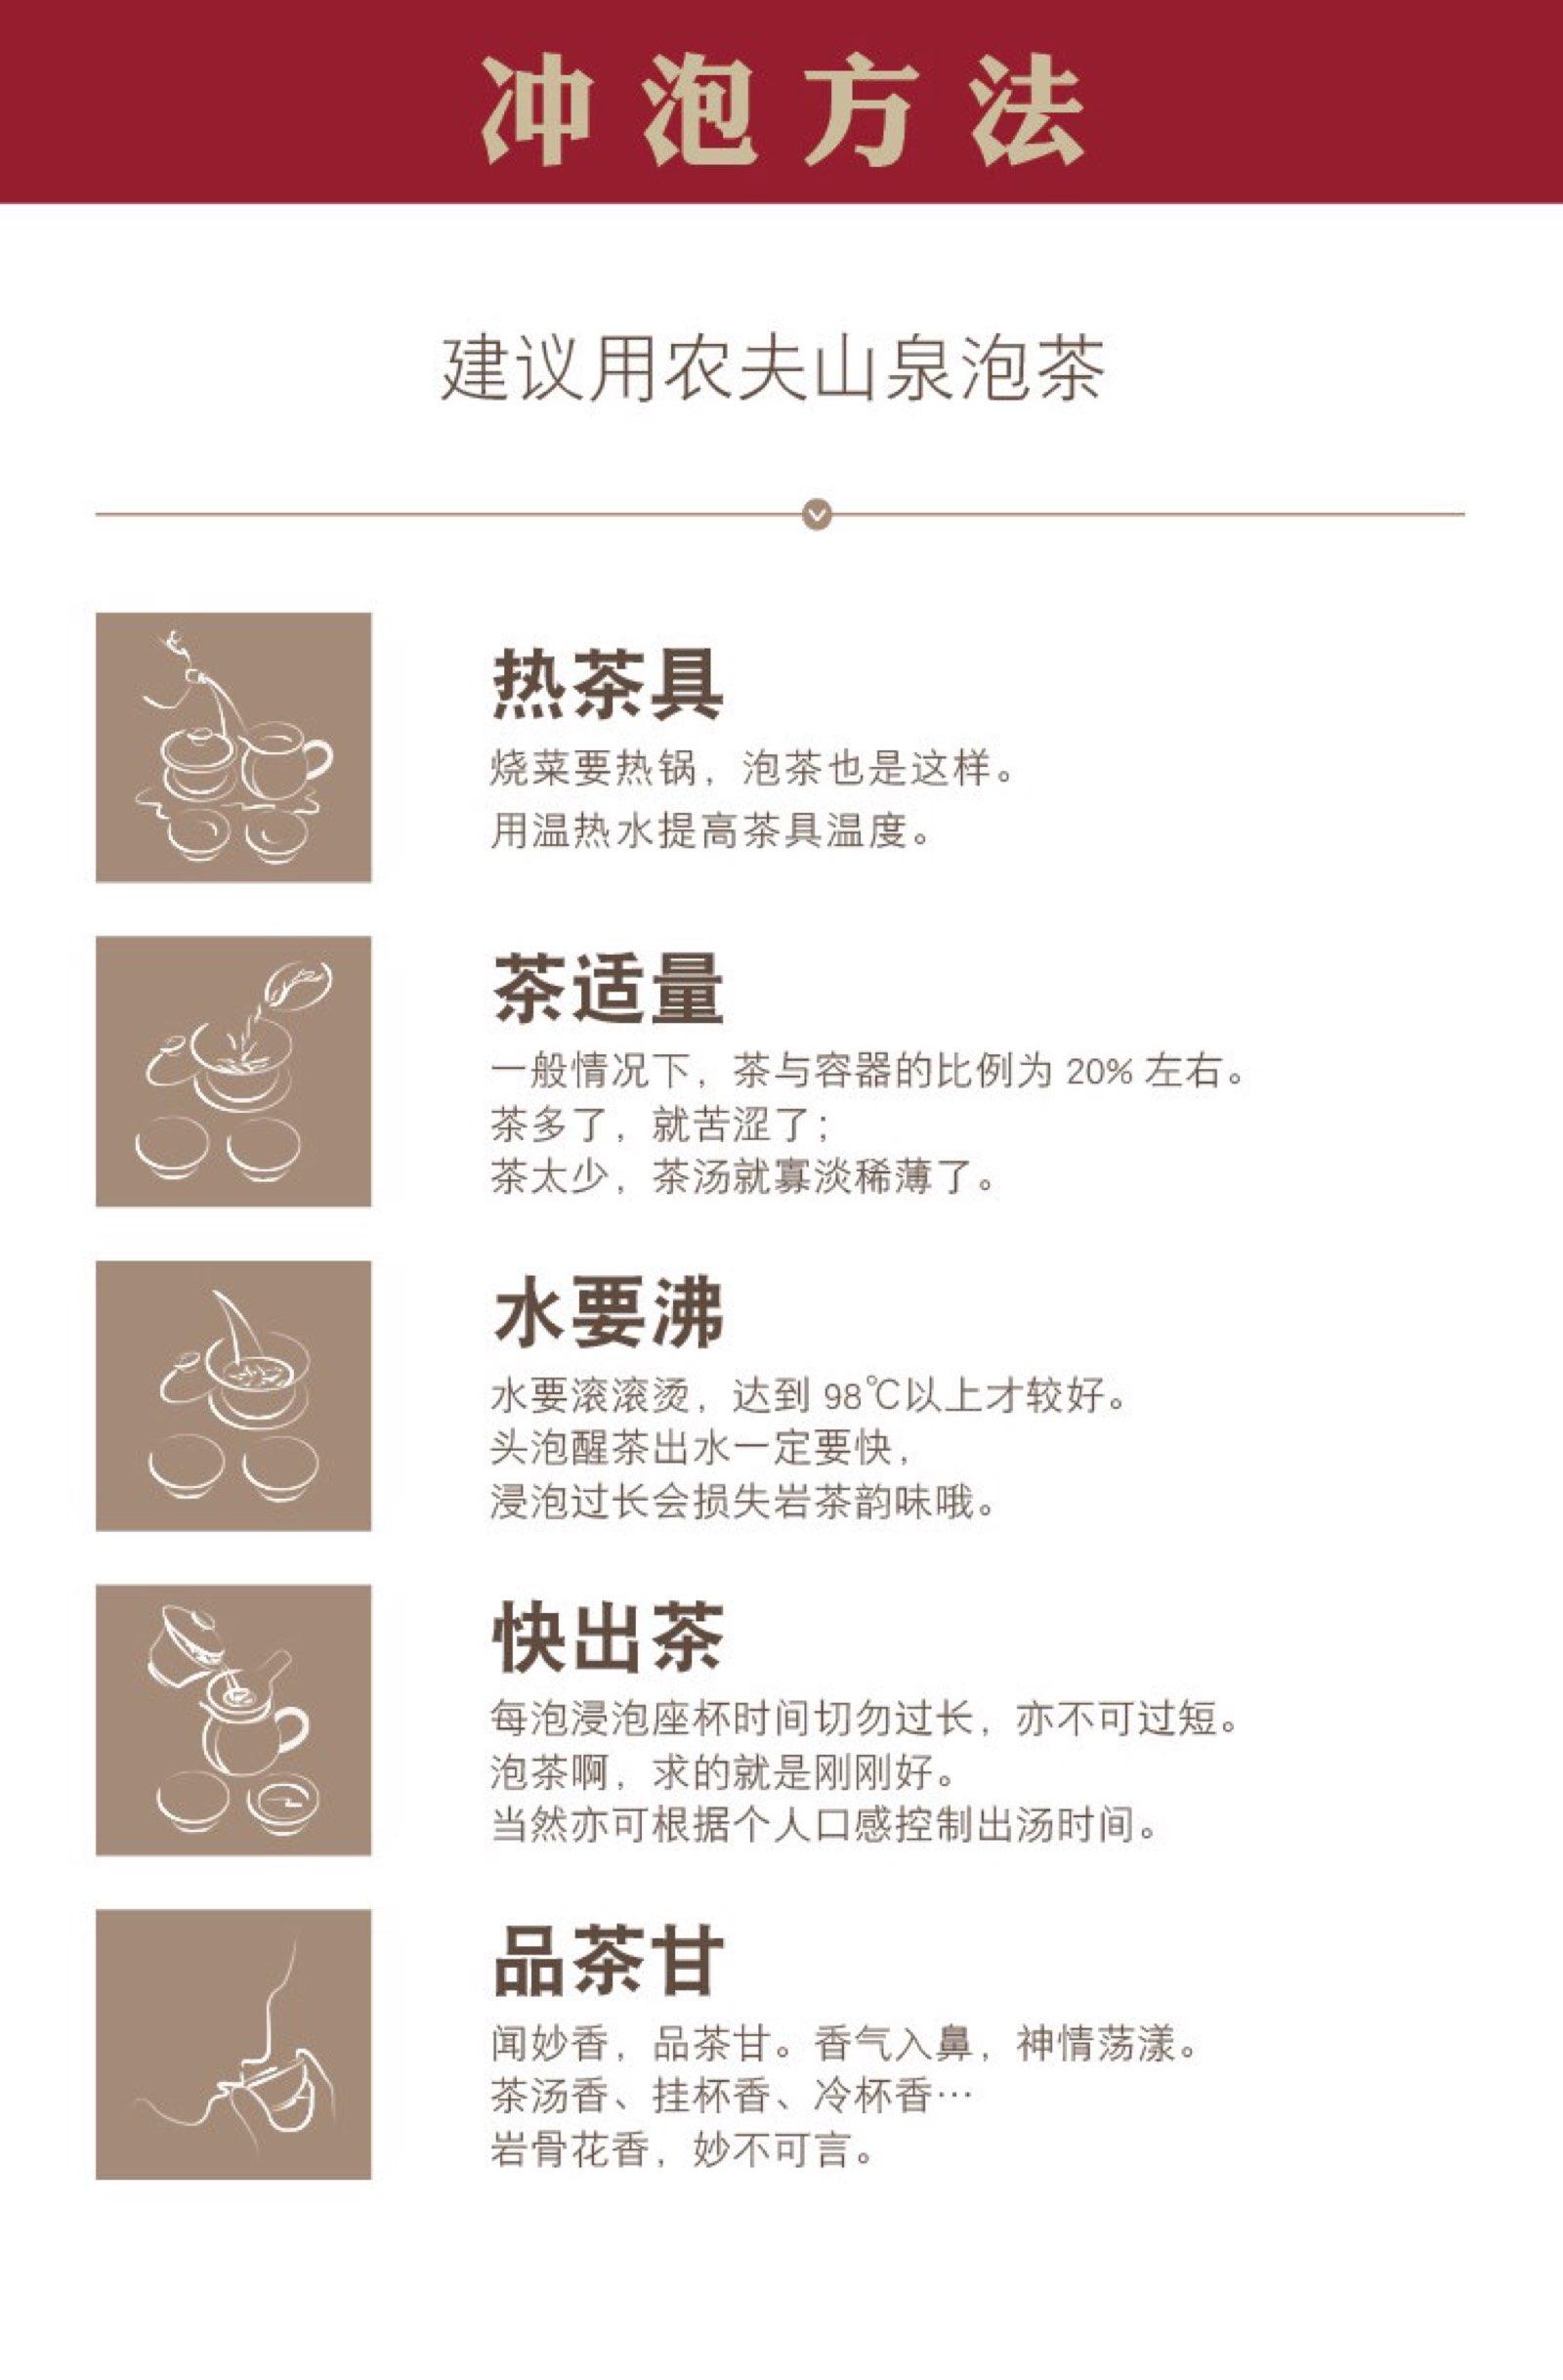 武夷岩茶大红袍茶叶冲泡方法